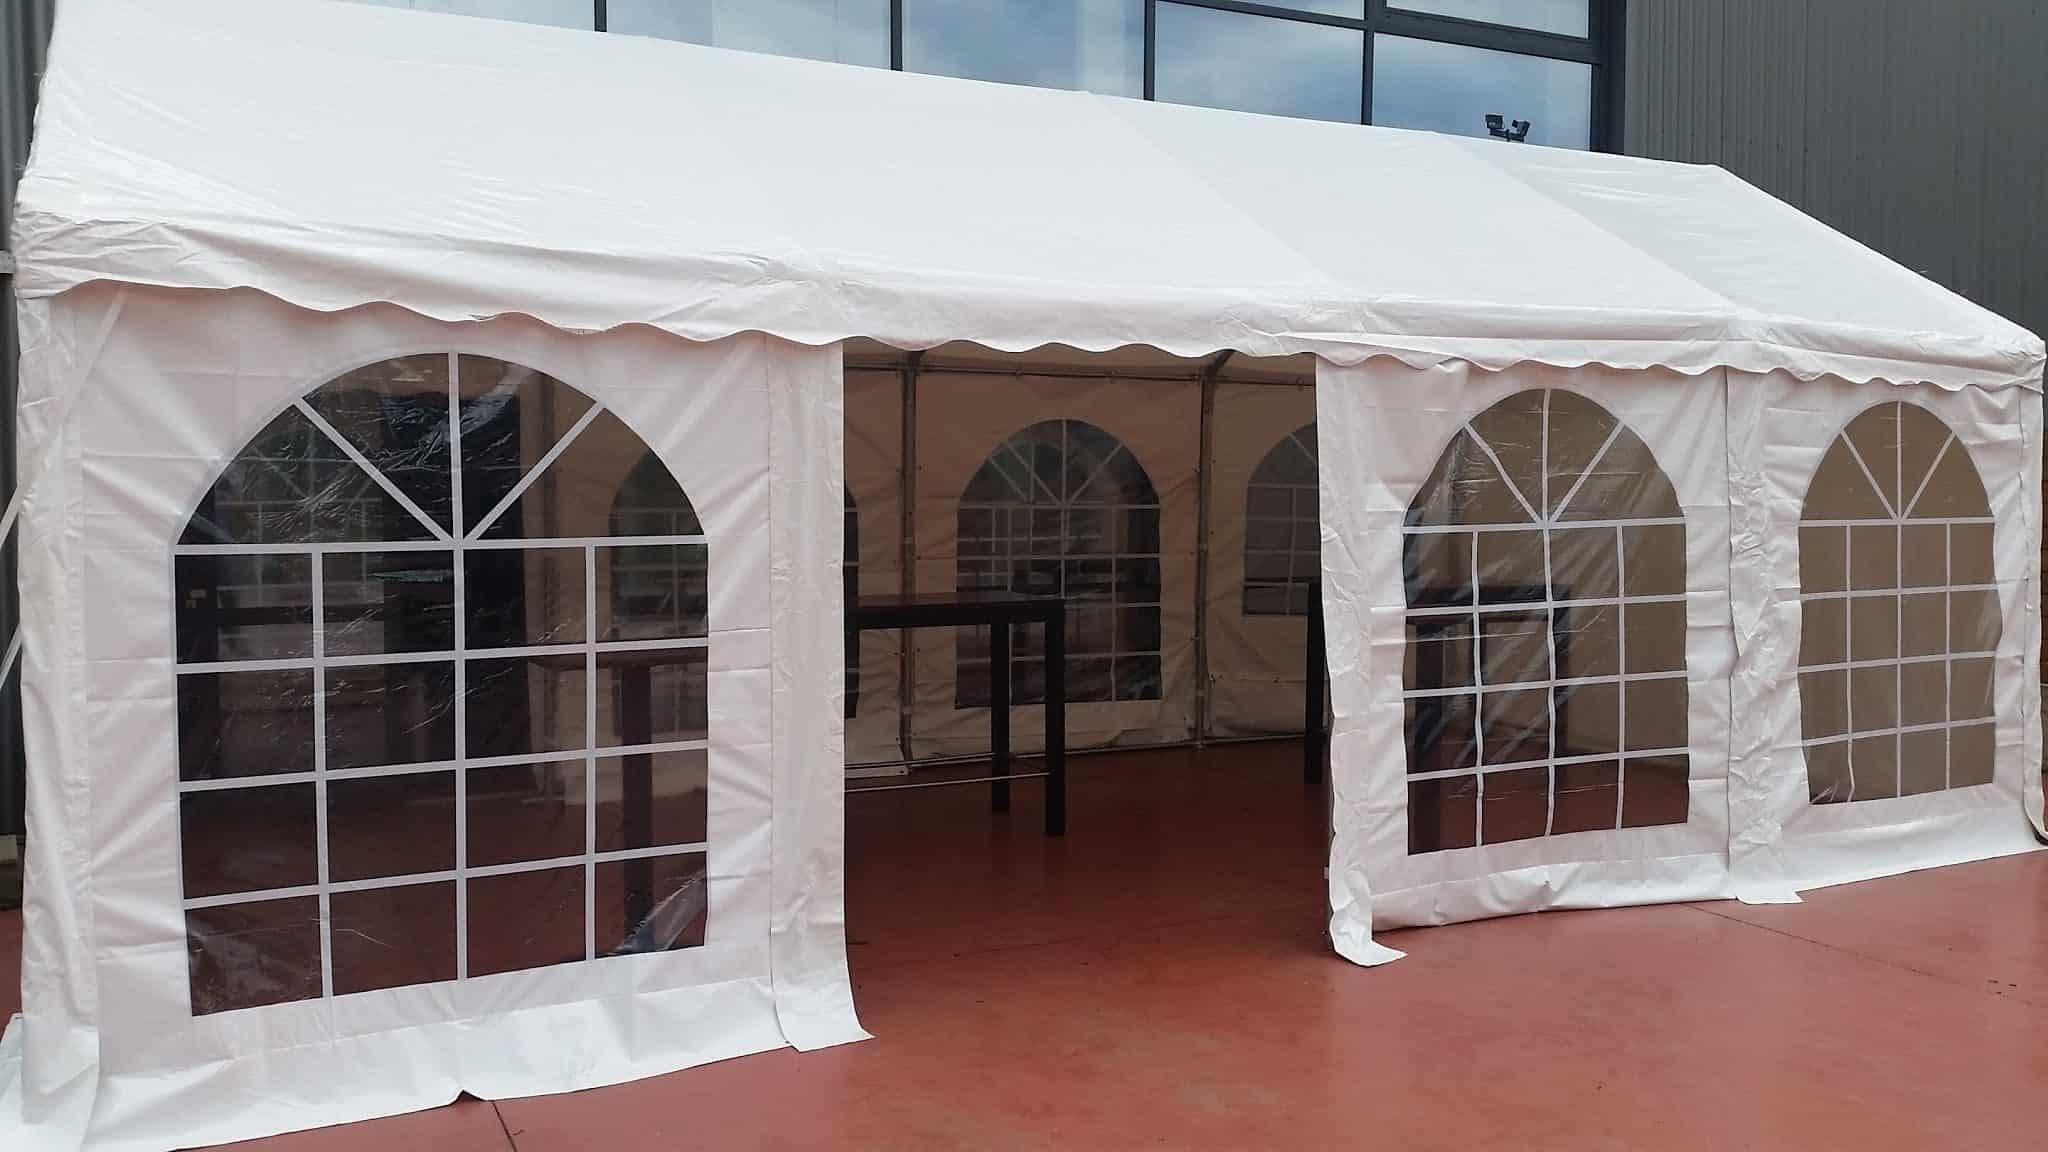 location de tente de r ception 4x8m blanc pic event location de mat riel pour vos v nements. Black Bedroom Furniture Sets. Home Design Ideas